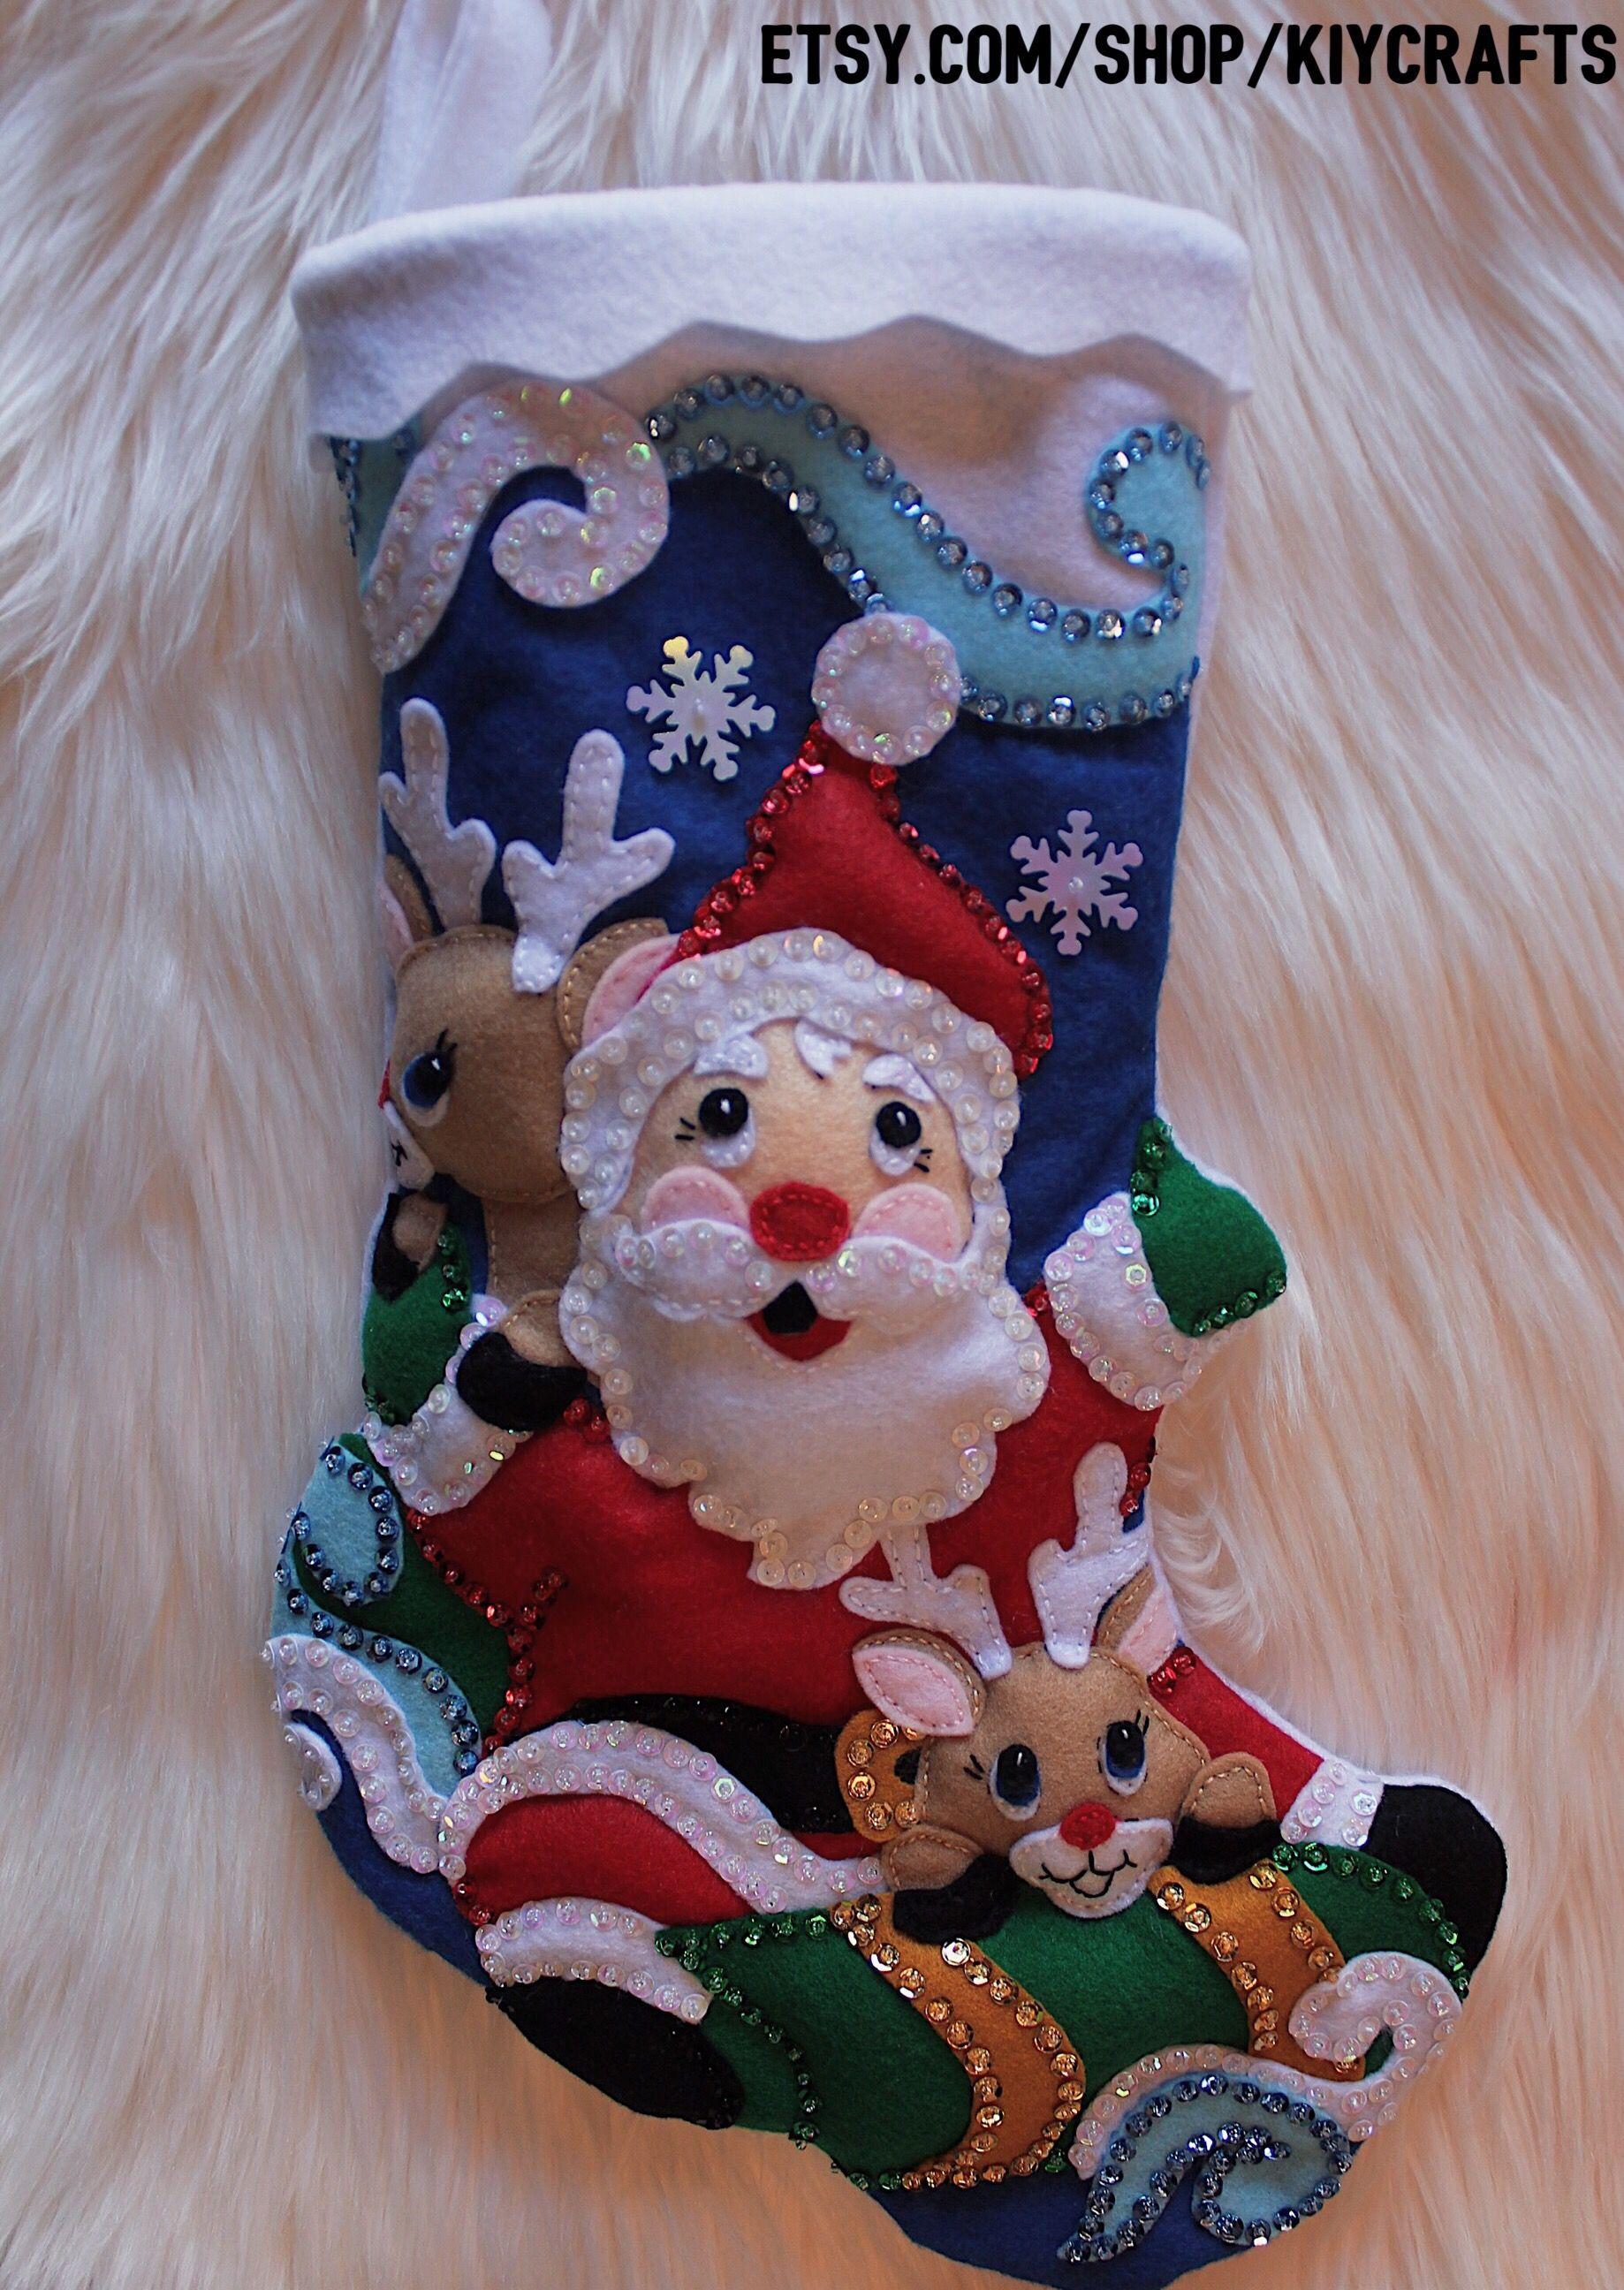 Classic Sequin Santa Claus Stocking Unique items